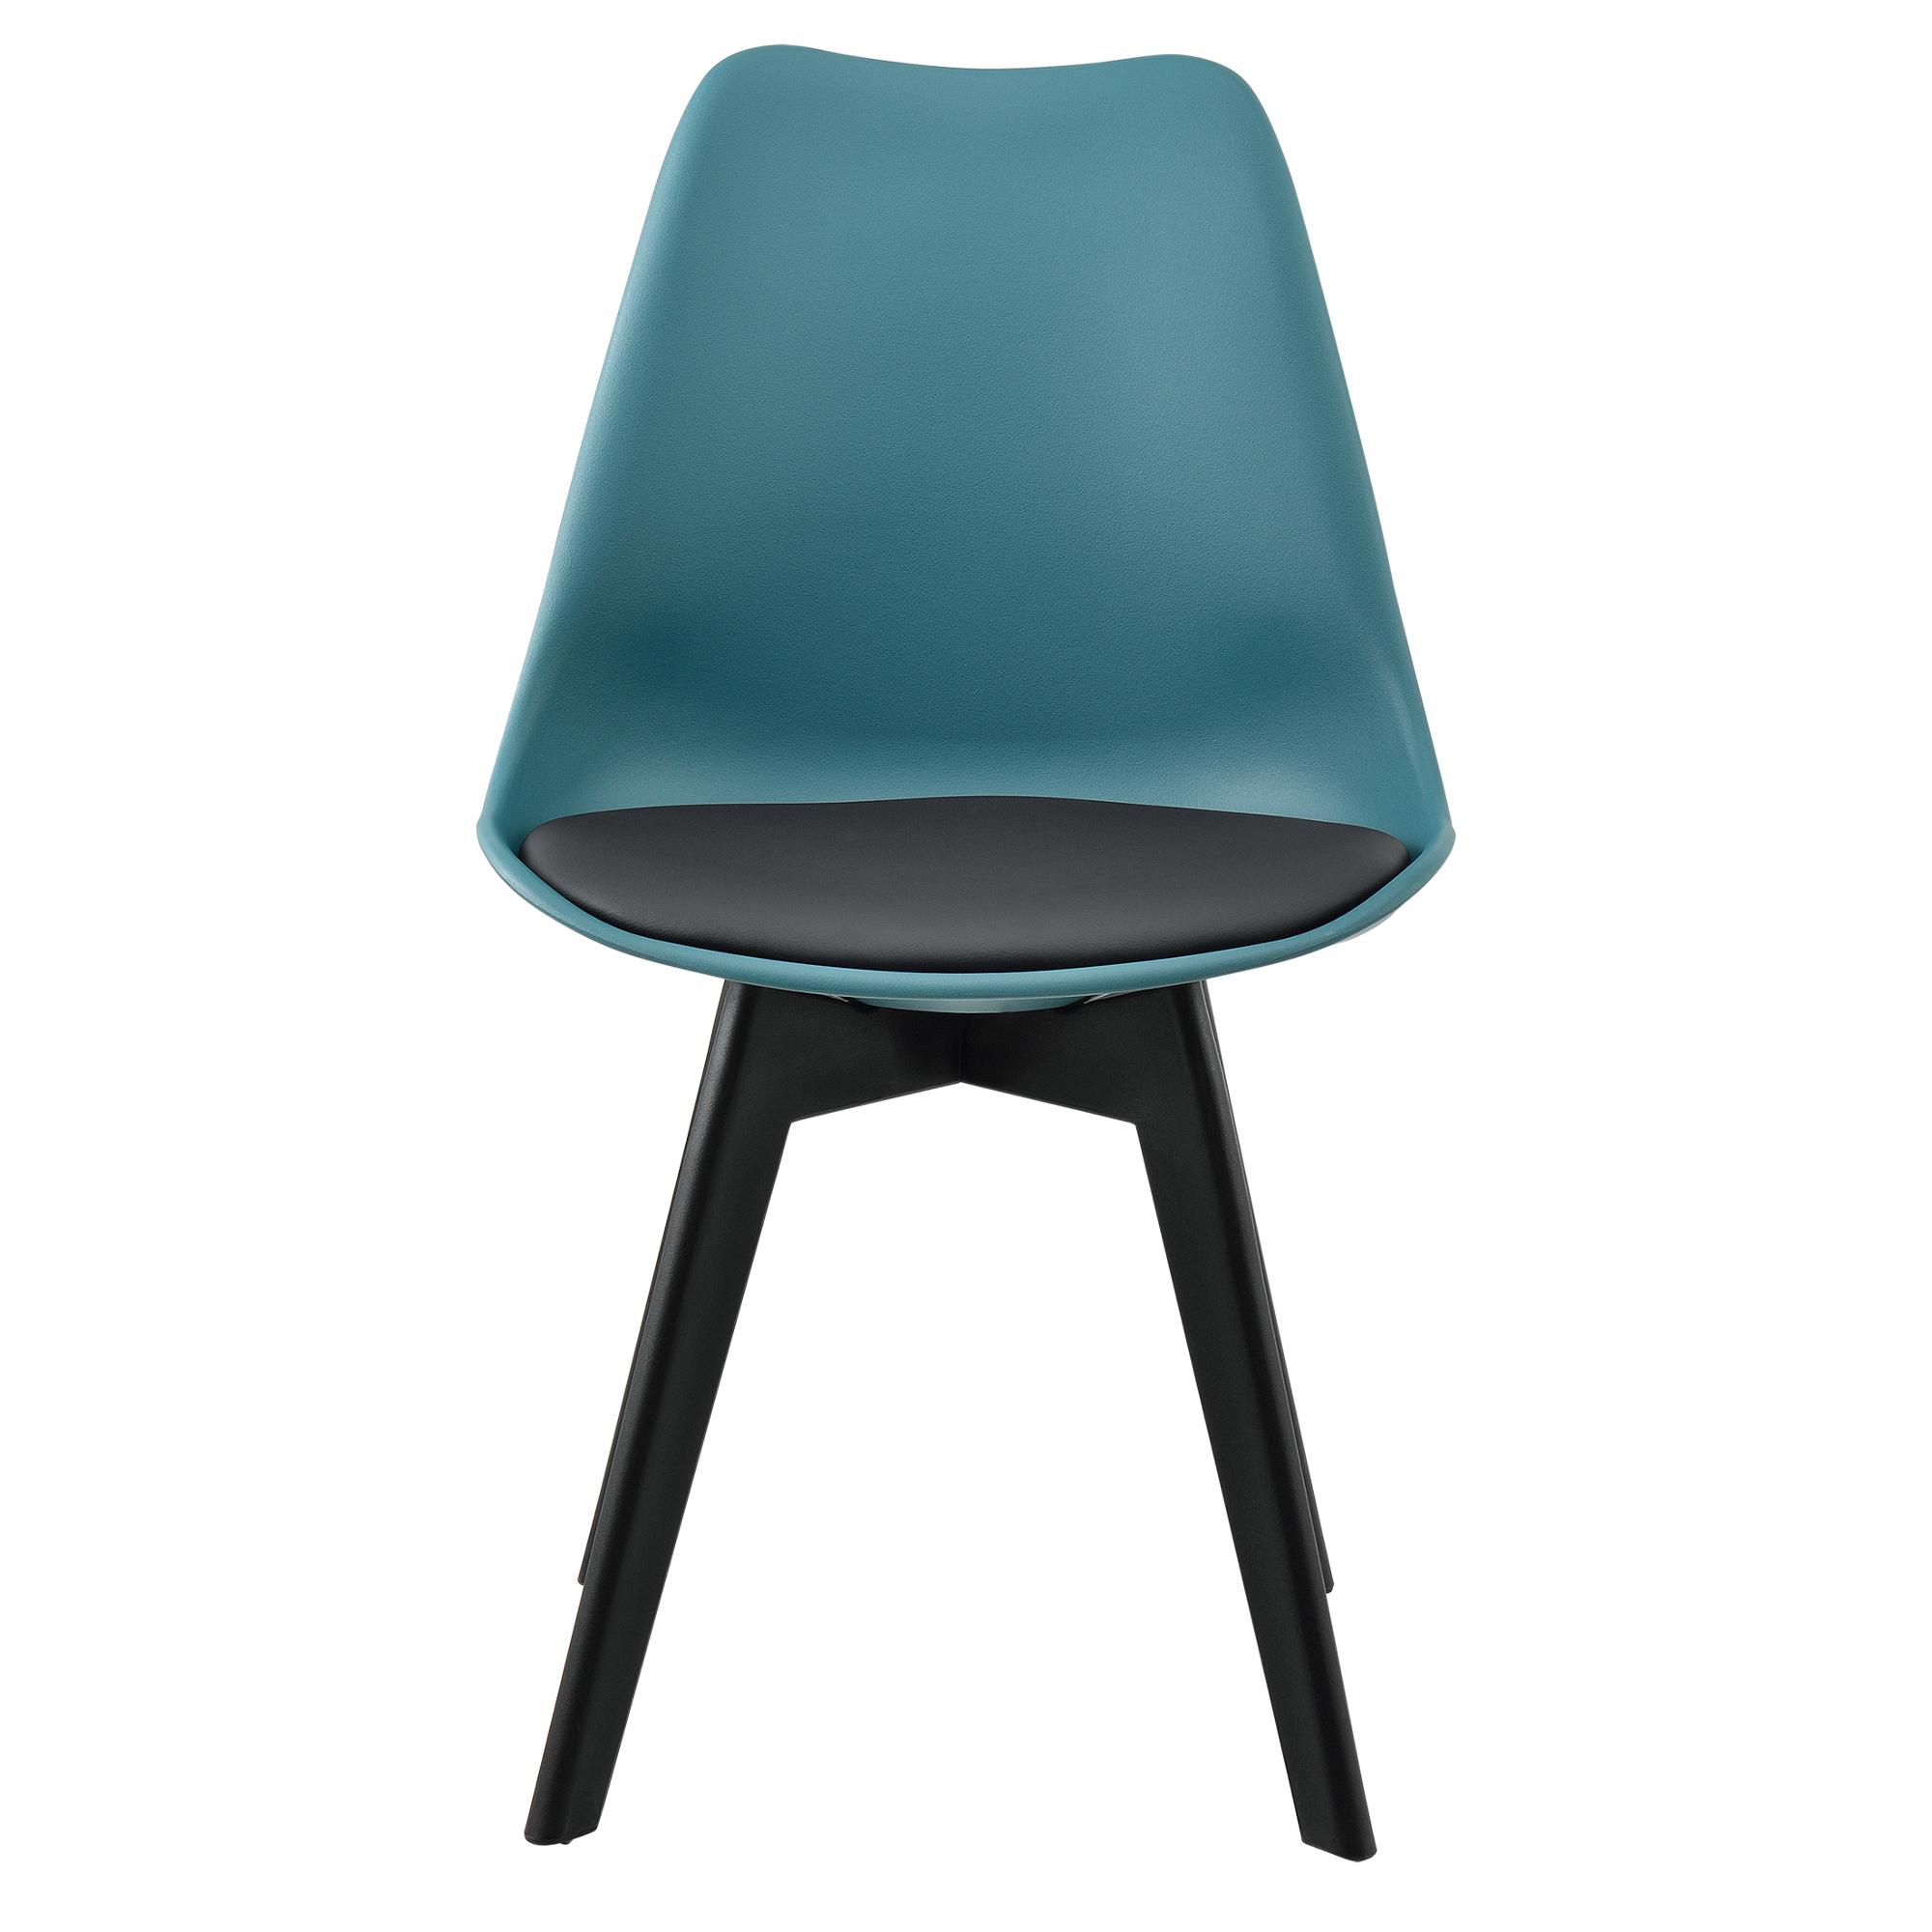 [ensa] 2x Design Stühle Esszimmer Stuhl Holz Kunststoff